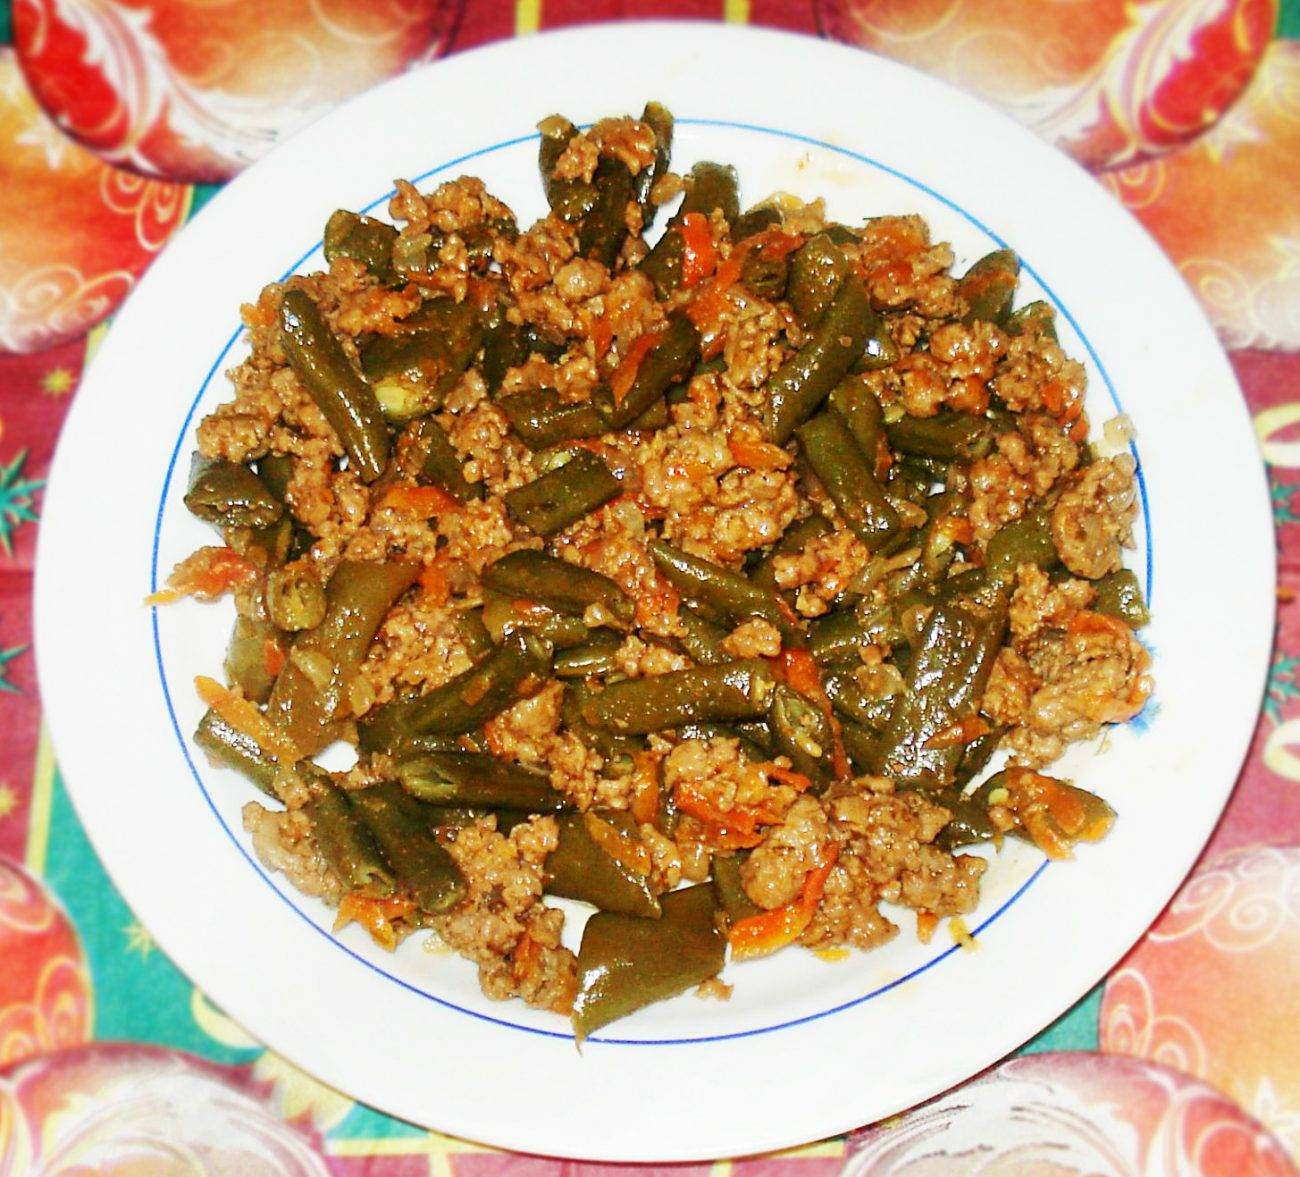 Как приготовить стручковую фасоль на гарнир: 6 рецептов, вкусно и просто - onwomen.ru